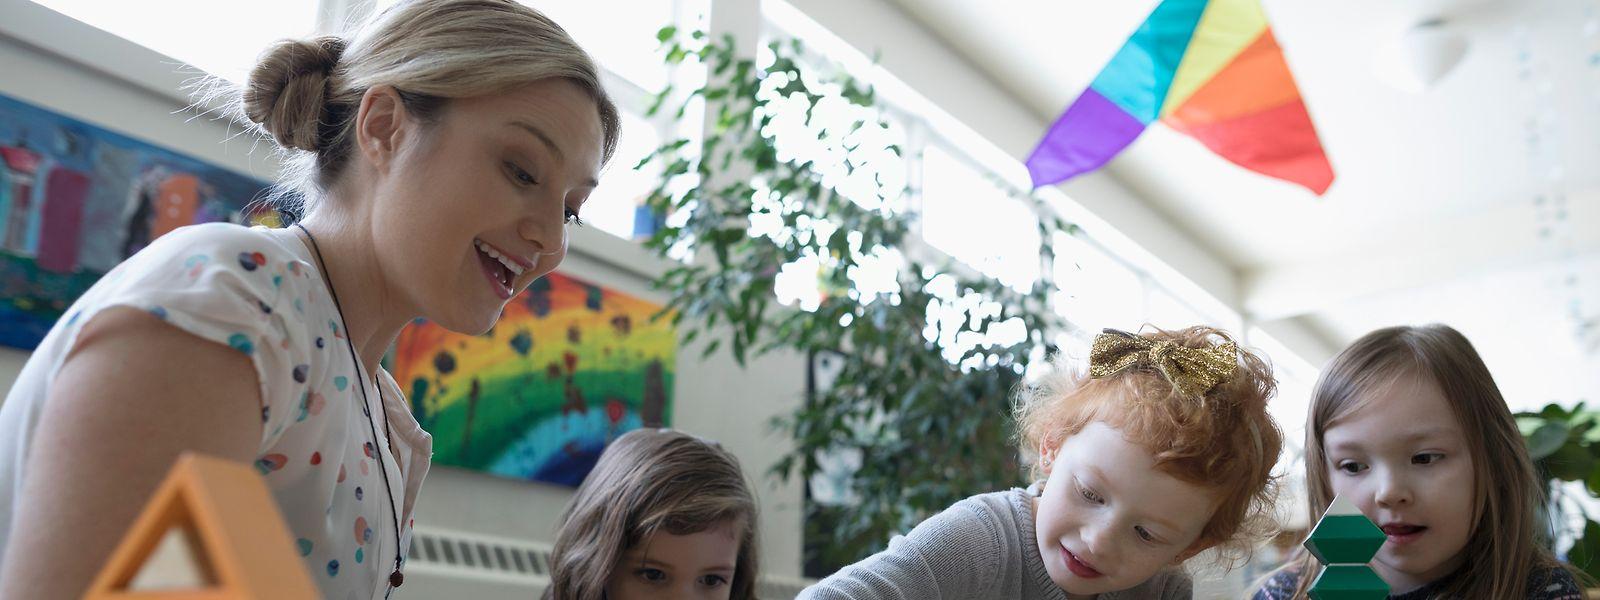 """Bildungsminister Claude Meisch möchte, dass die Kinder ab frühestem Alter kodieren lernen, """"spielerisch und altersgerecht""""."""